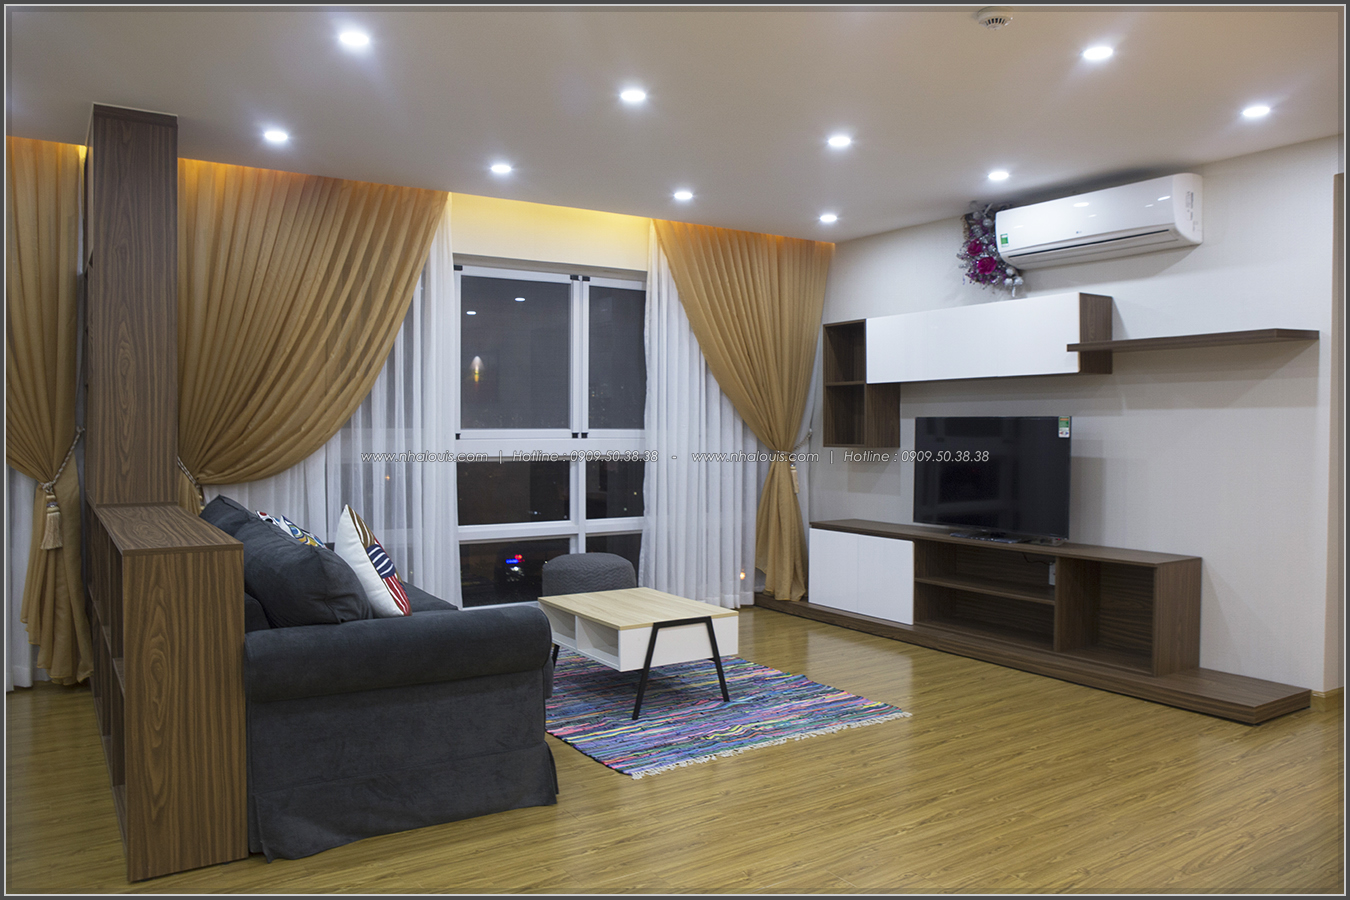 Thiết kế thi công nội thất căn hộ cao cấp Happy Valley quận 7 - 05